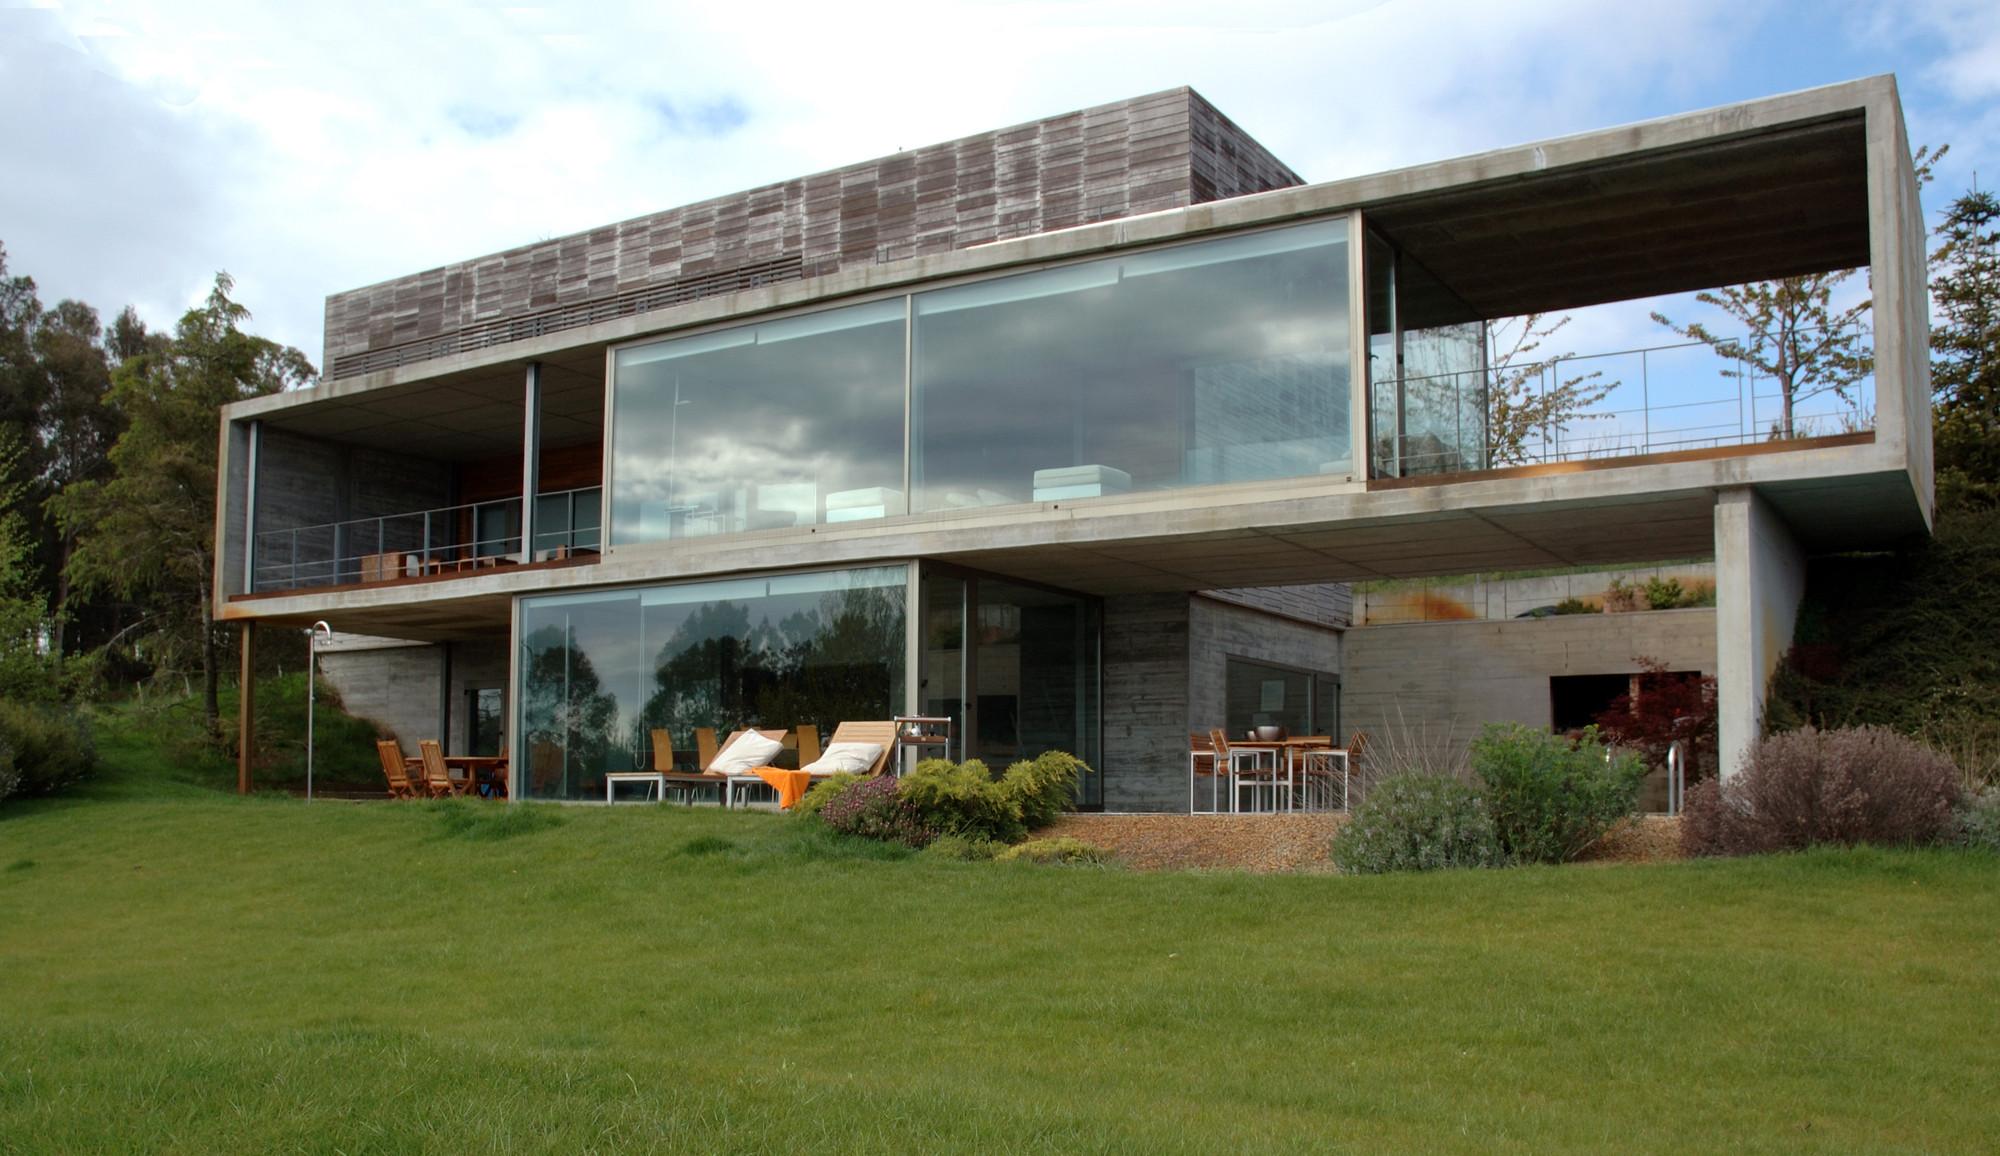 Galeria de casa em perbes vier arquitectos 4 for Casa de arquitectos